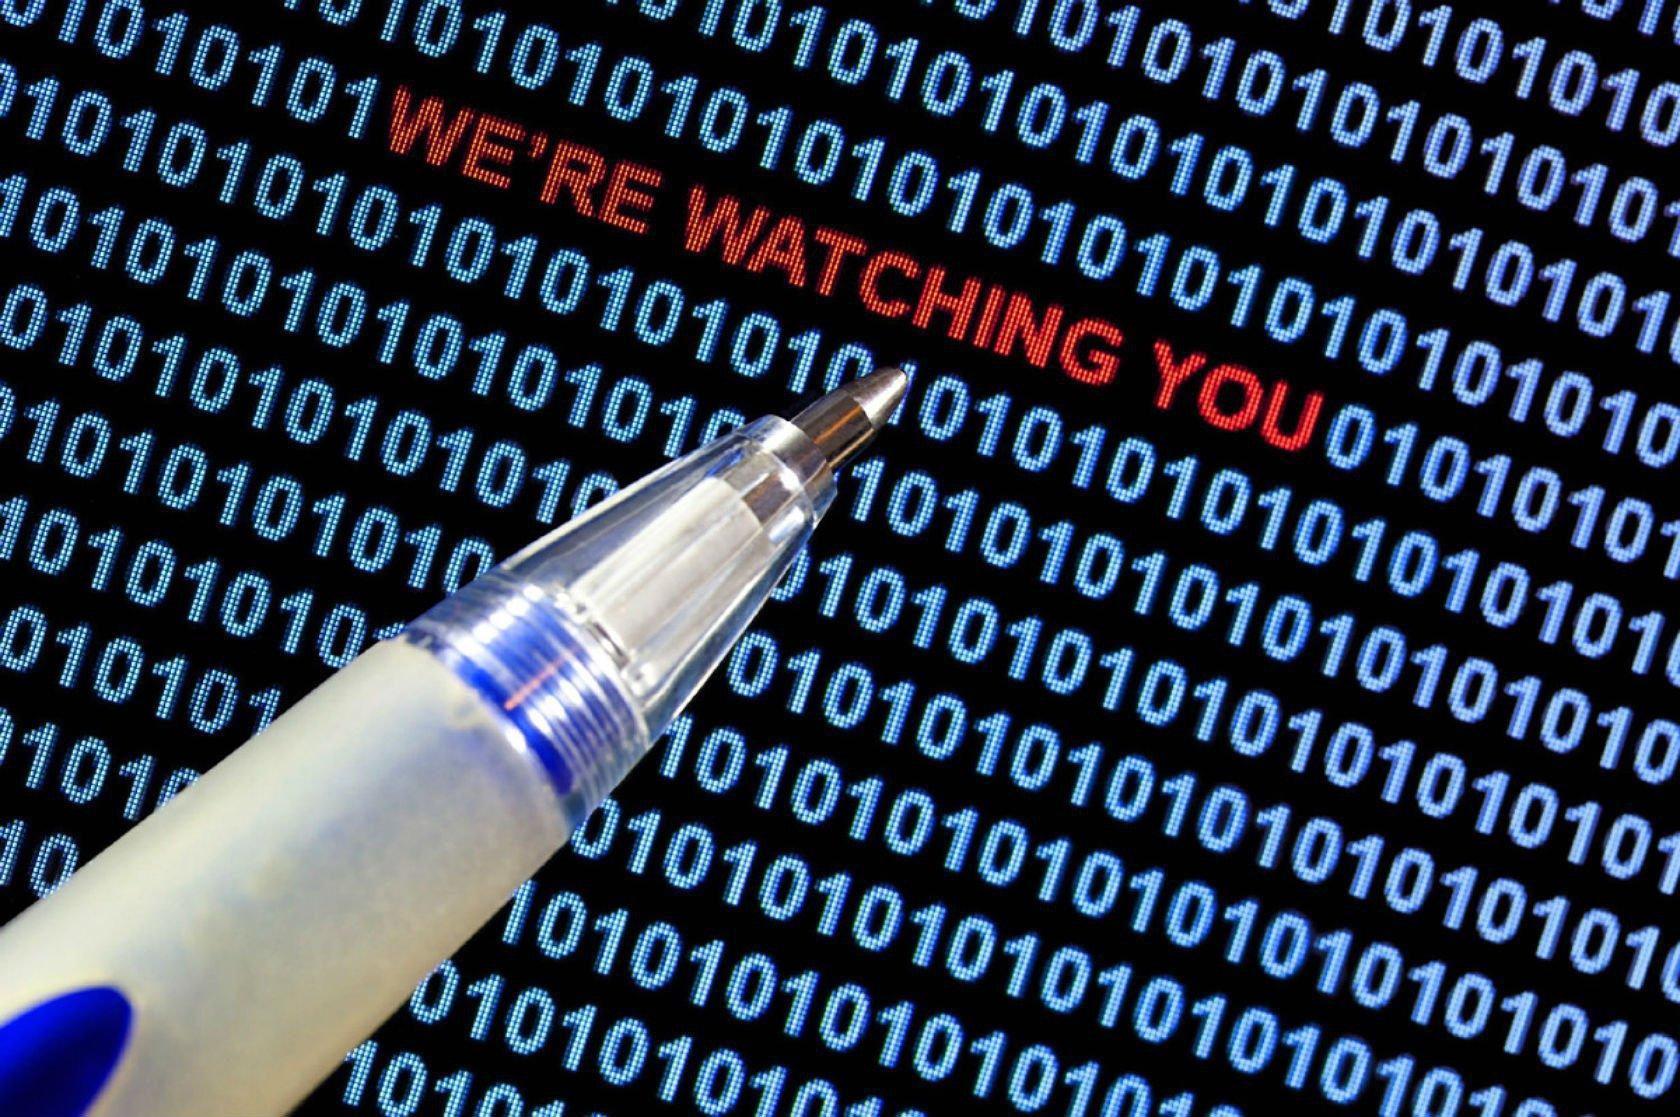 Исследователи считают, что в распространении малвари FinFisher участвуют интернет-провайдеры